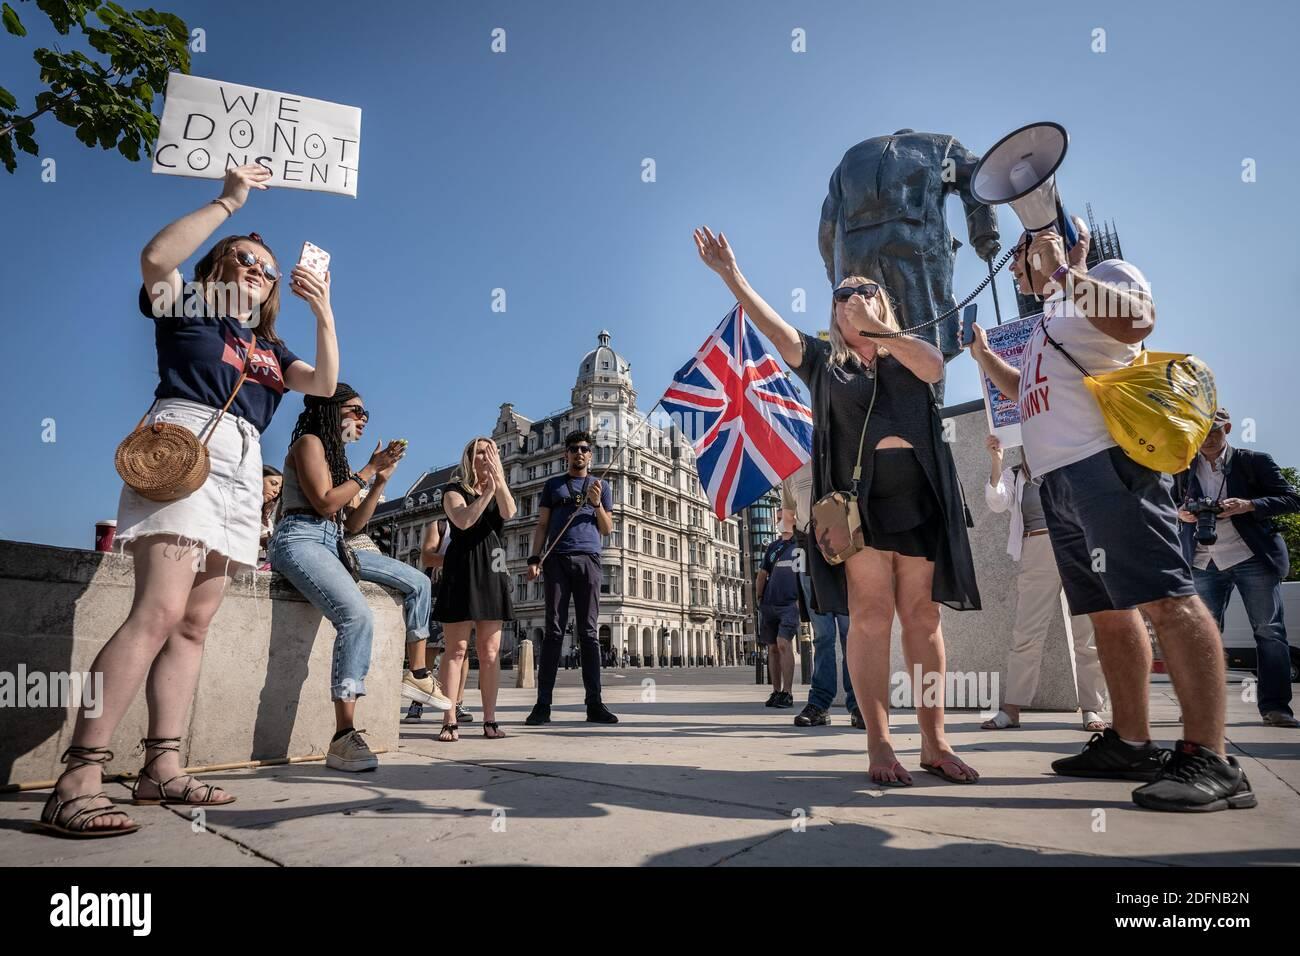 Coronavirus: Anti-Lockdown-Protest auf dem Parliament Square. Eine kleine Versammlung von Anti-Lockdown-Demonstranten aus der Stand-up X-Bewegung versammeln sich auf dem Platz. Stockfoto